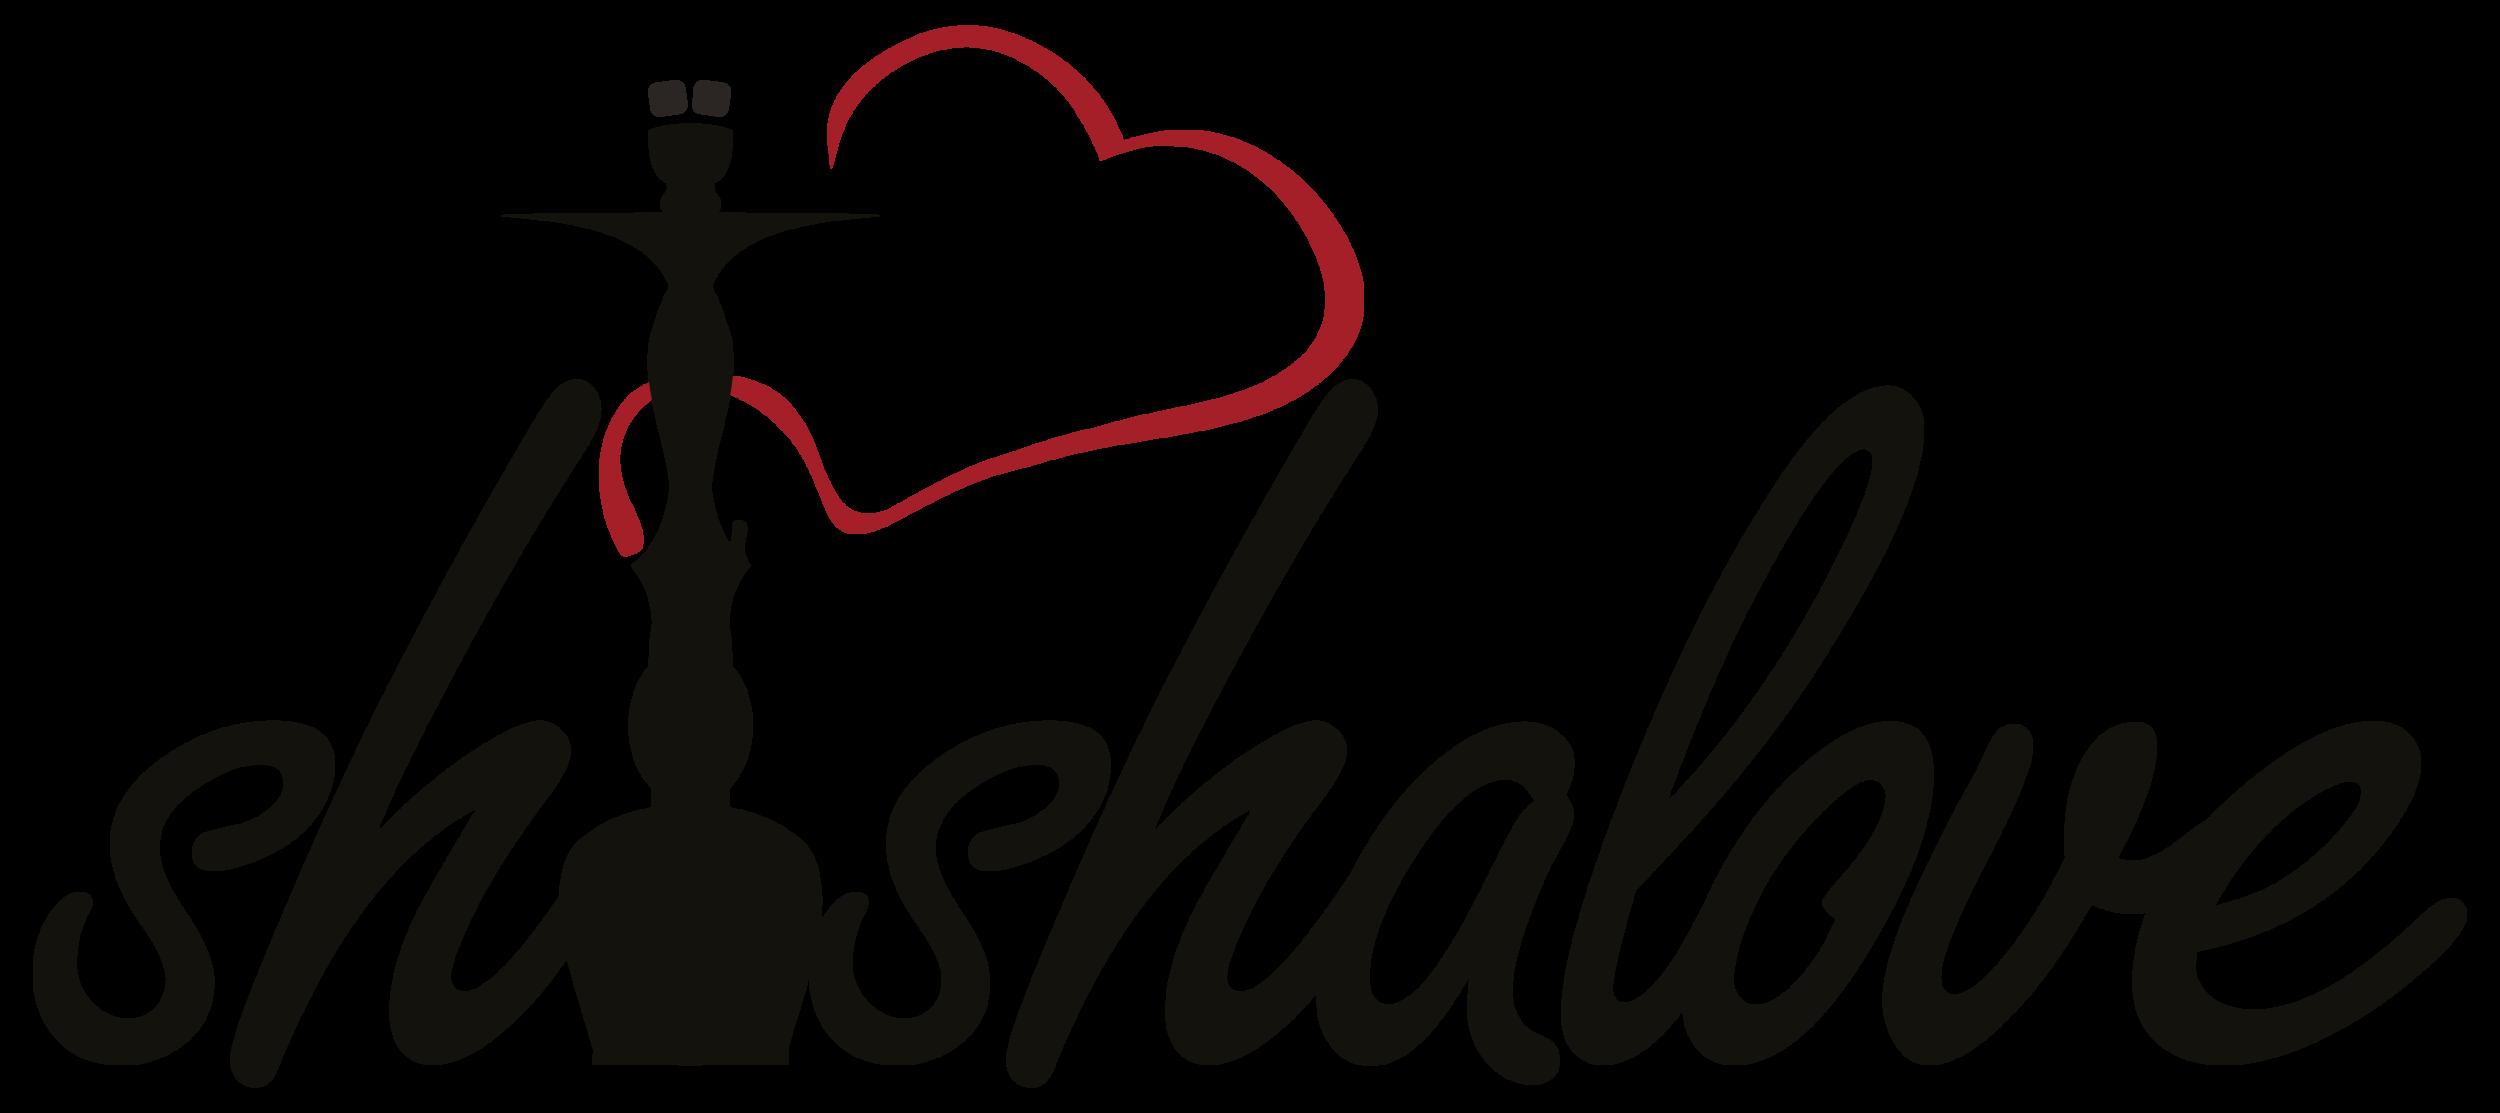 Shishalove